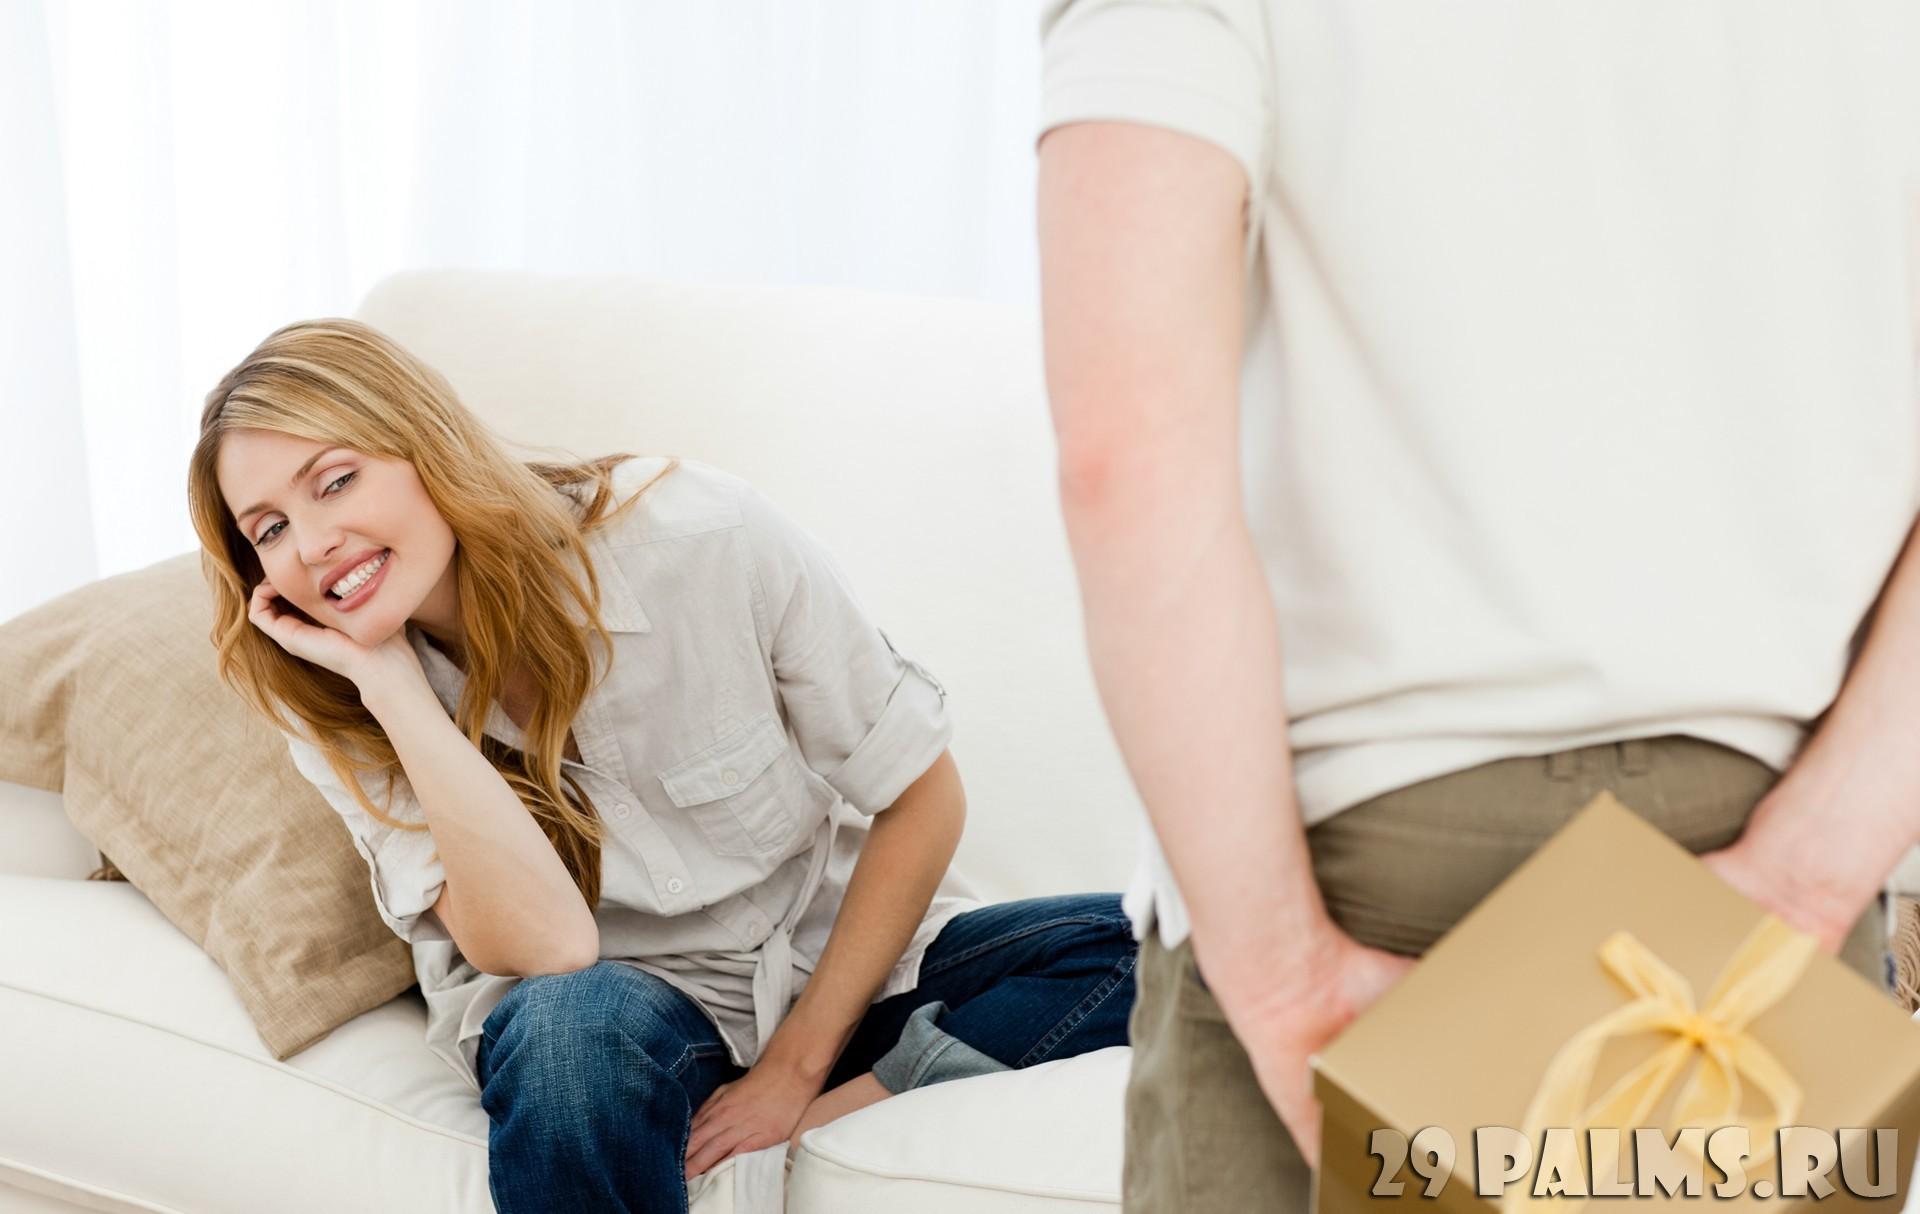 Не дарит подарки. - Семейные проблемы. Муж и жена - Психологический